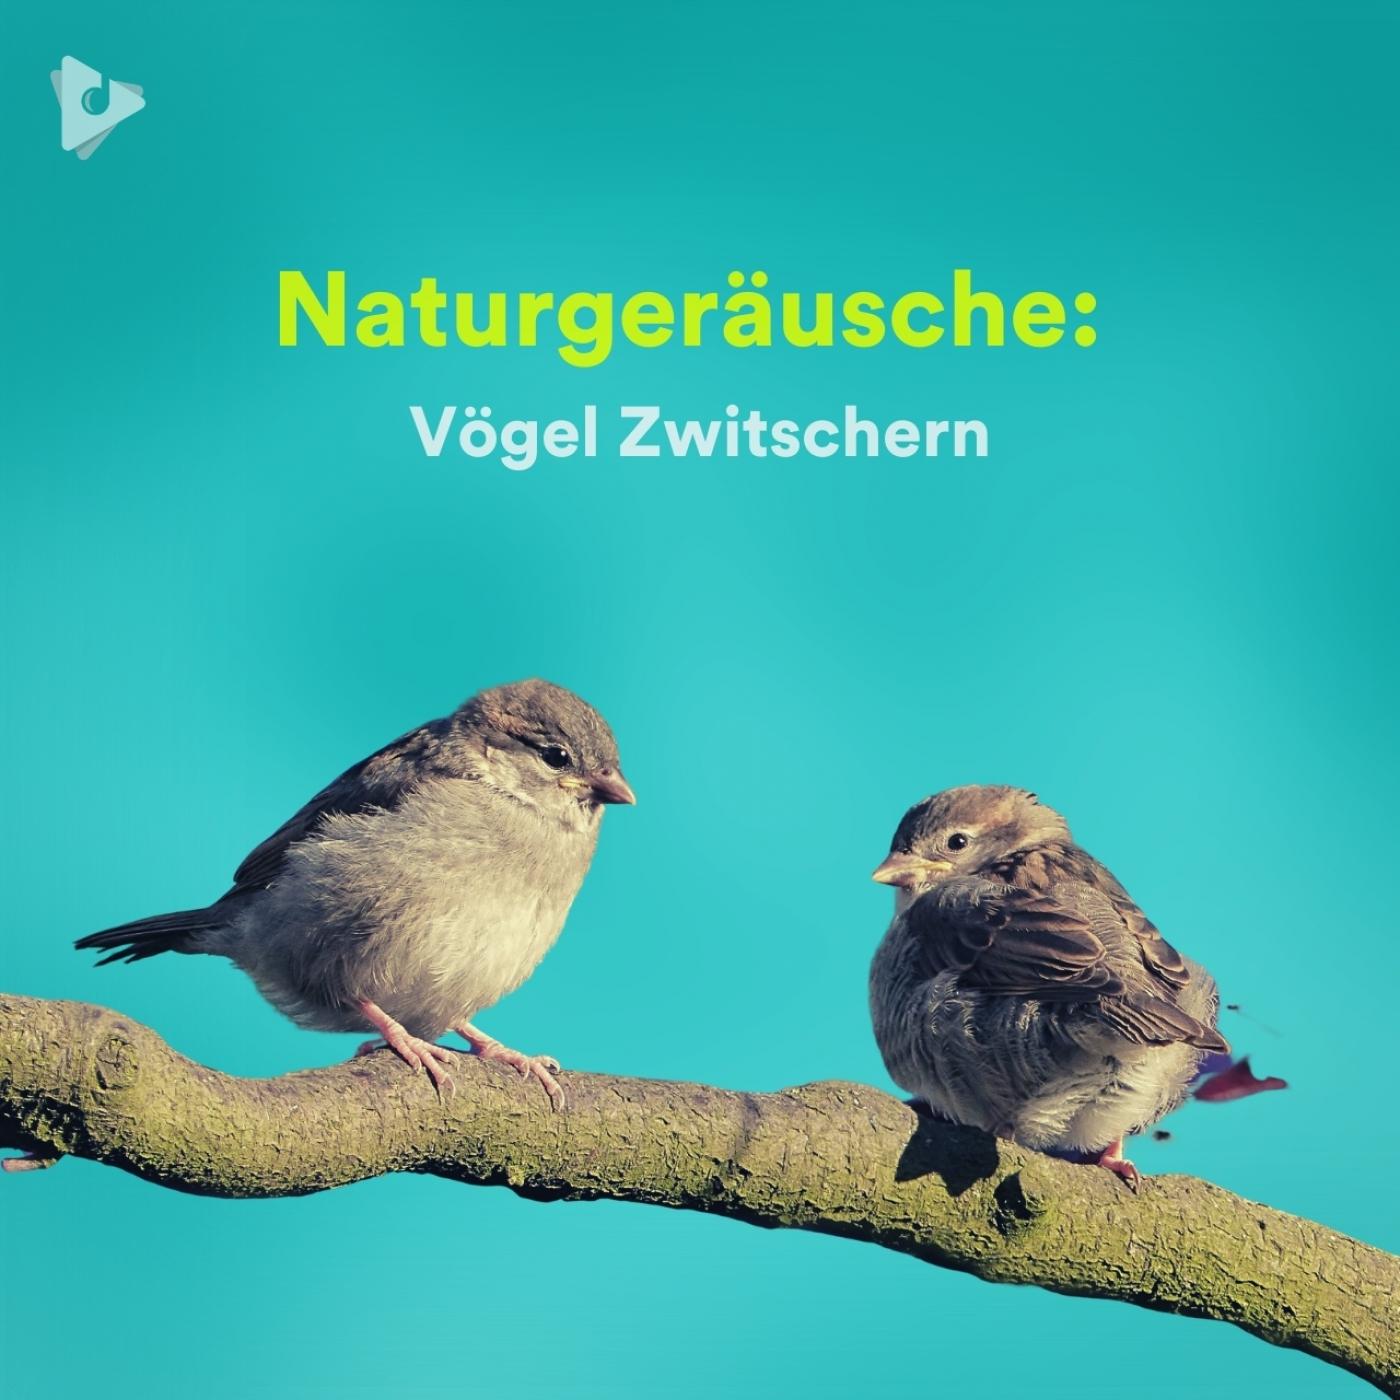 Naturgeräusche: Vögel Zwitschern